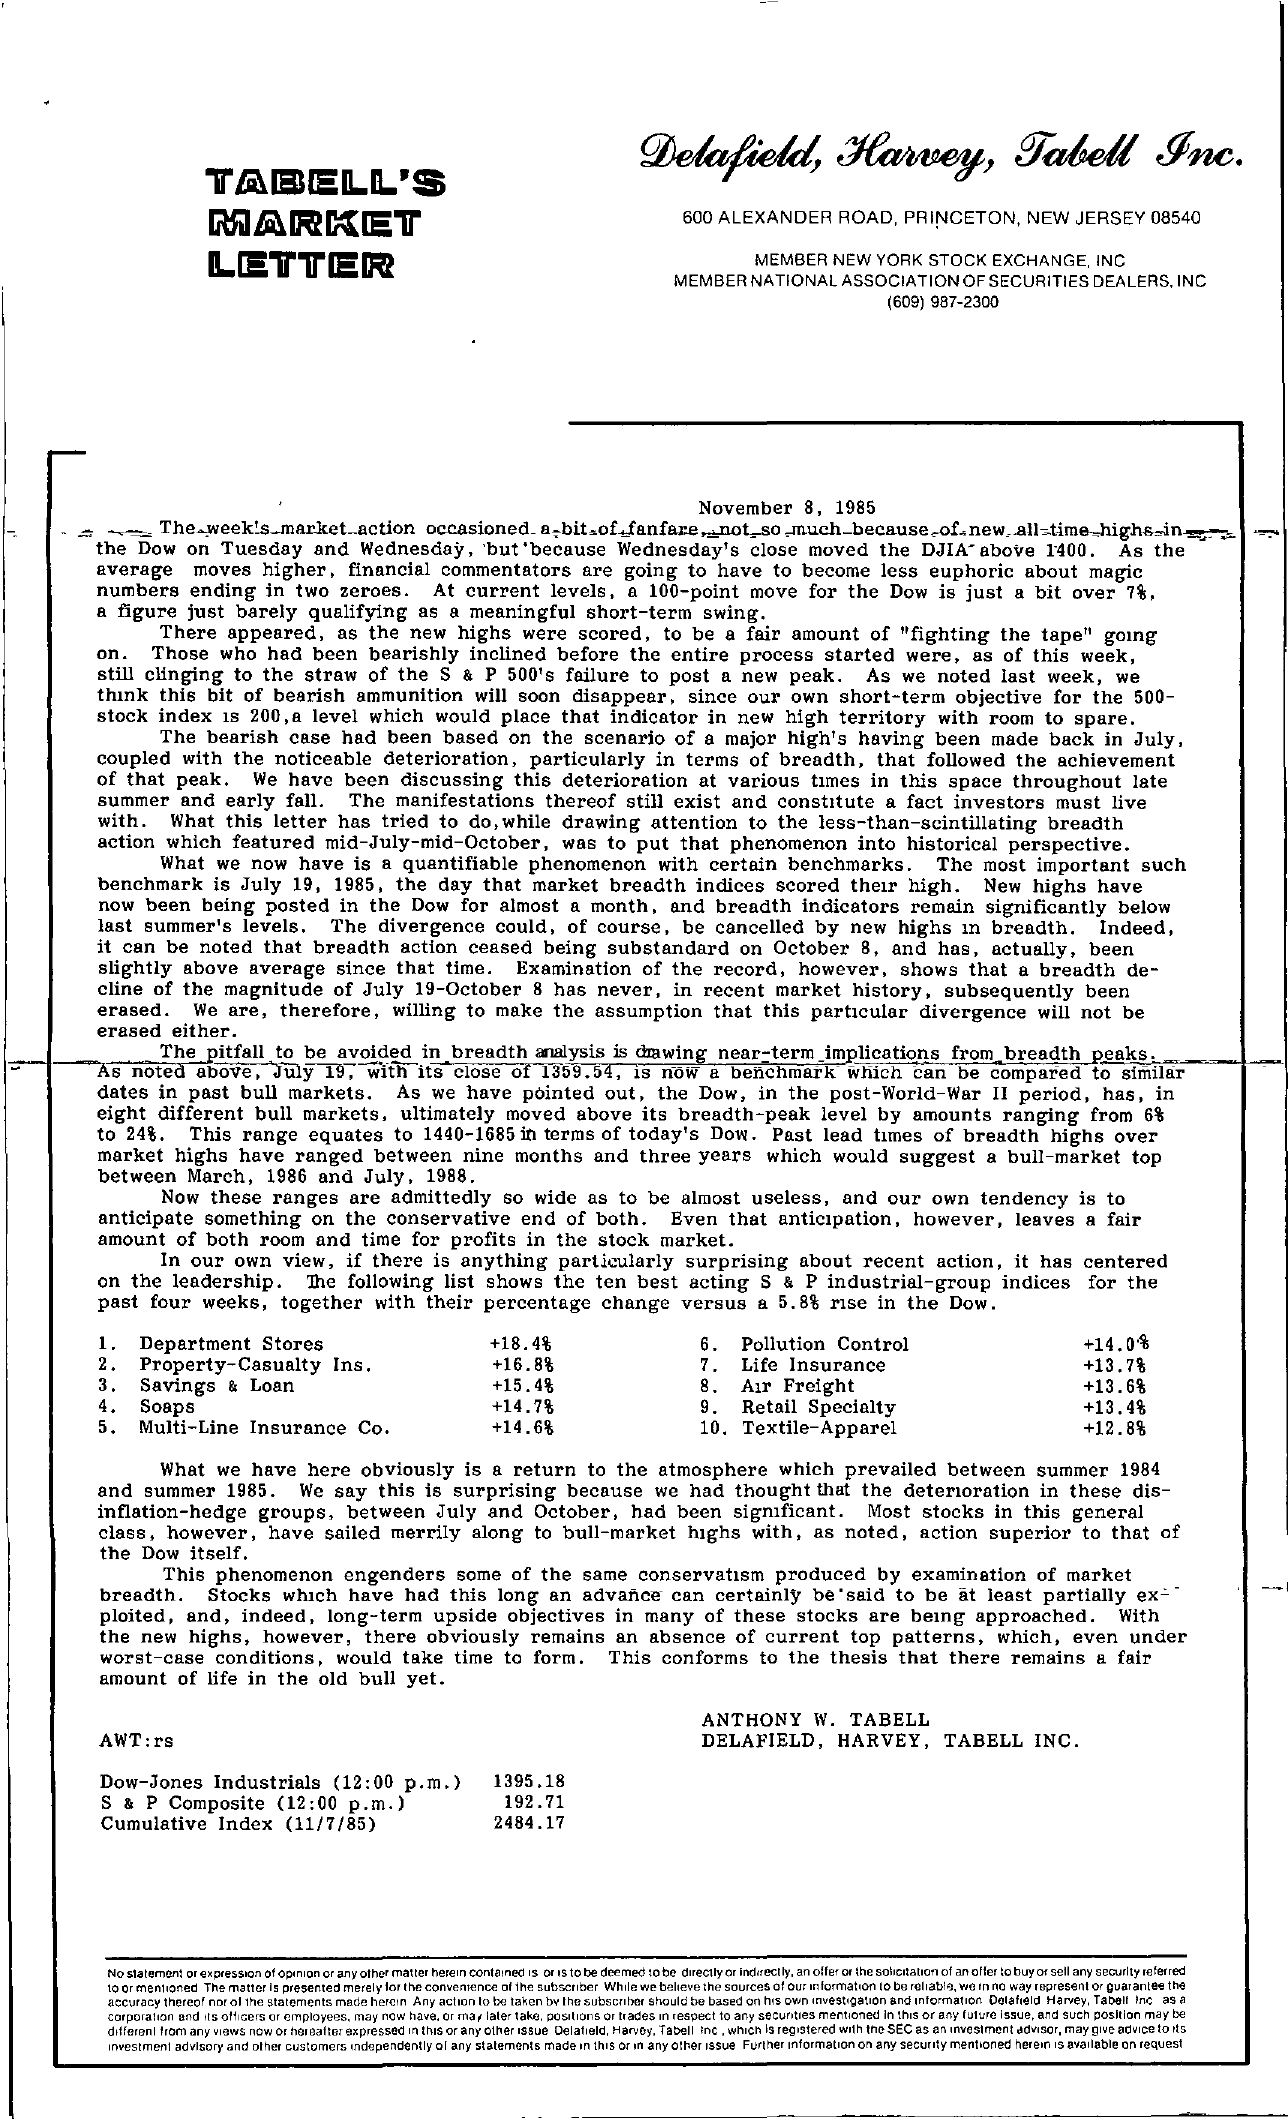 Tabell's Market Letter - November 08, 1985